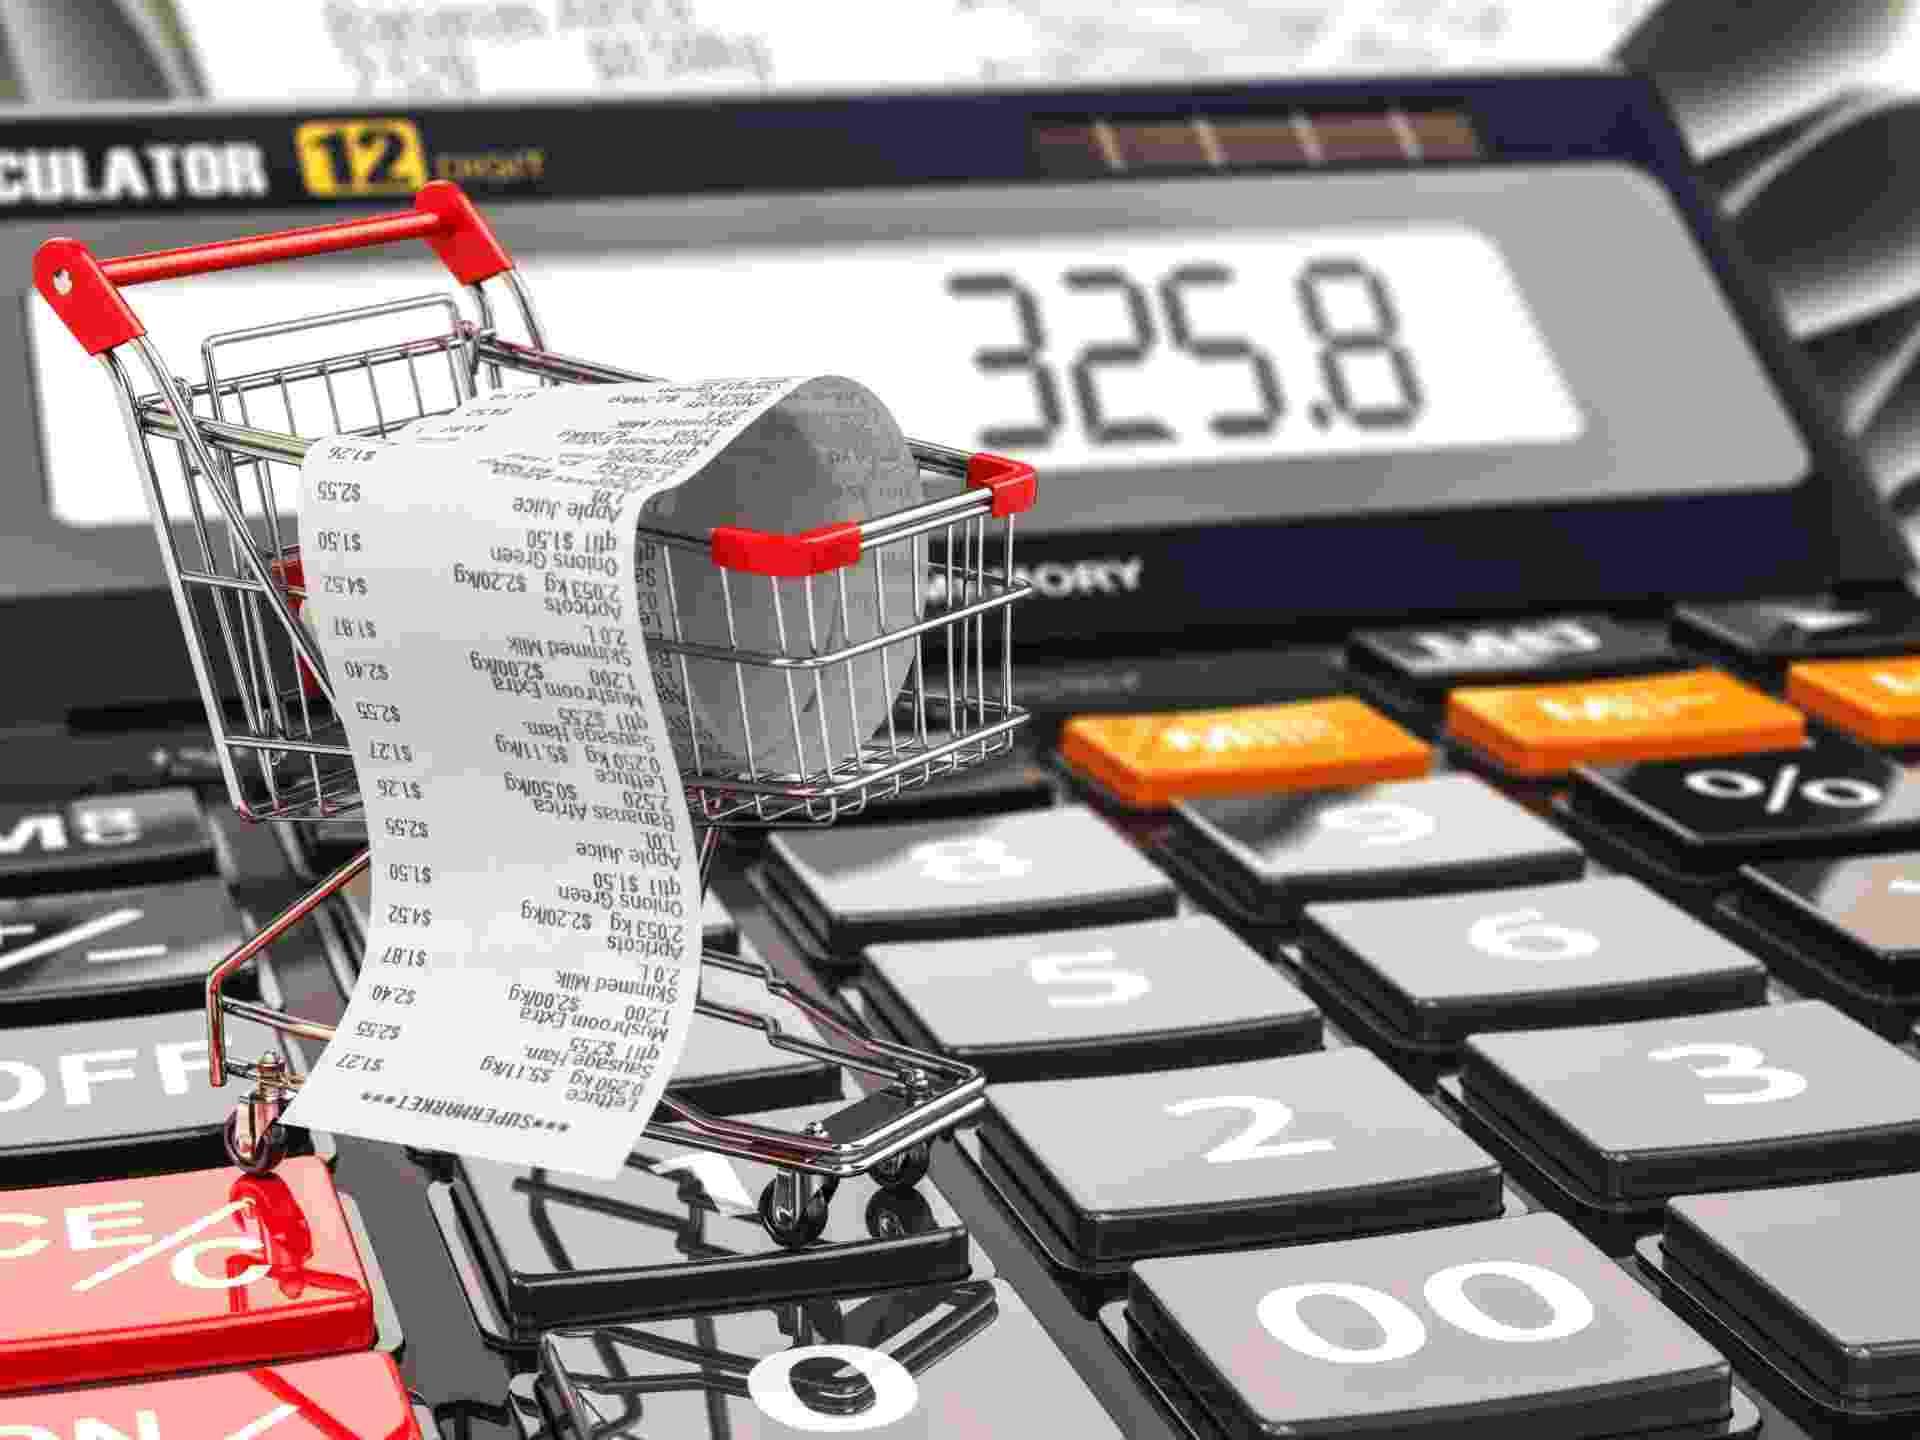 Carrinho de compras, inflação, poder de compra, dinheiro, bolso - Getty Images